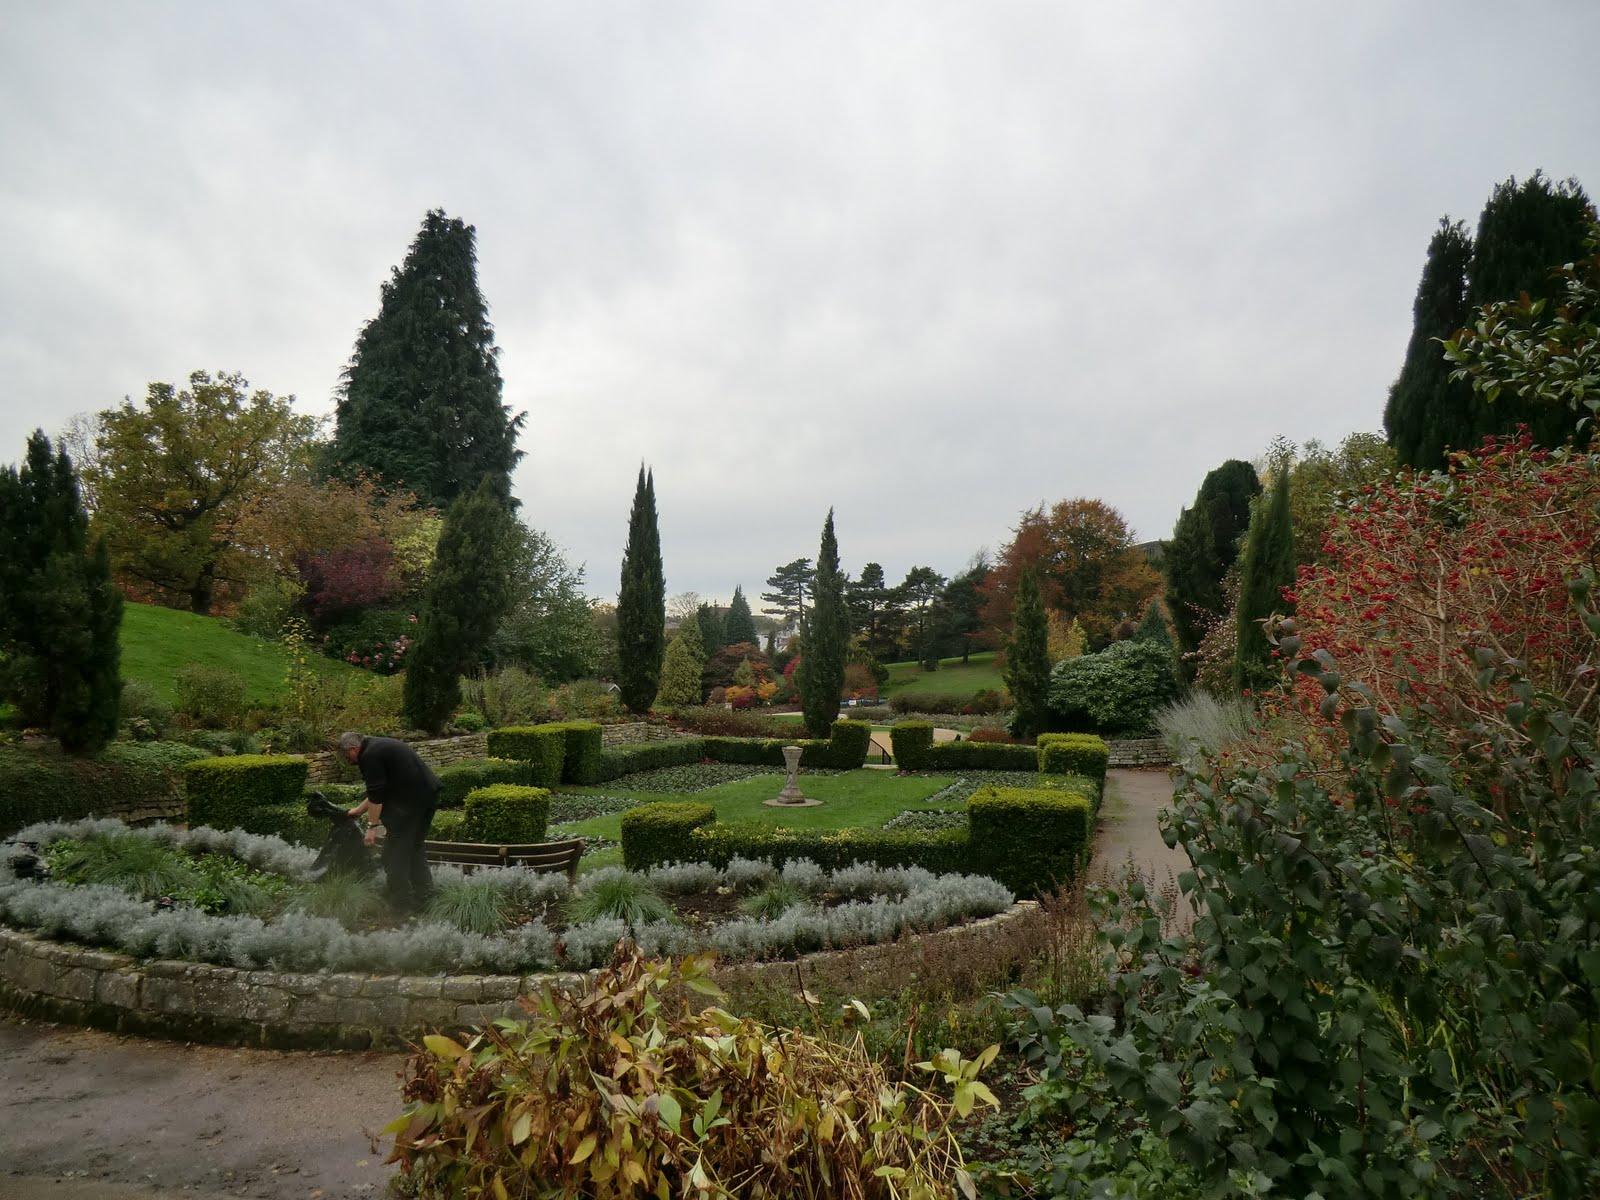 CIMG9200 Italian Garden, Calverley Grounds